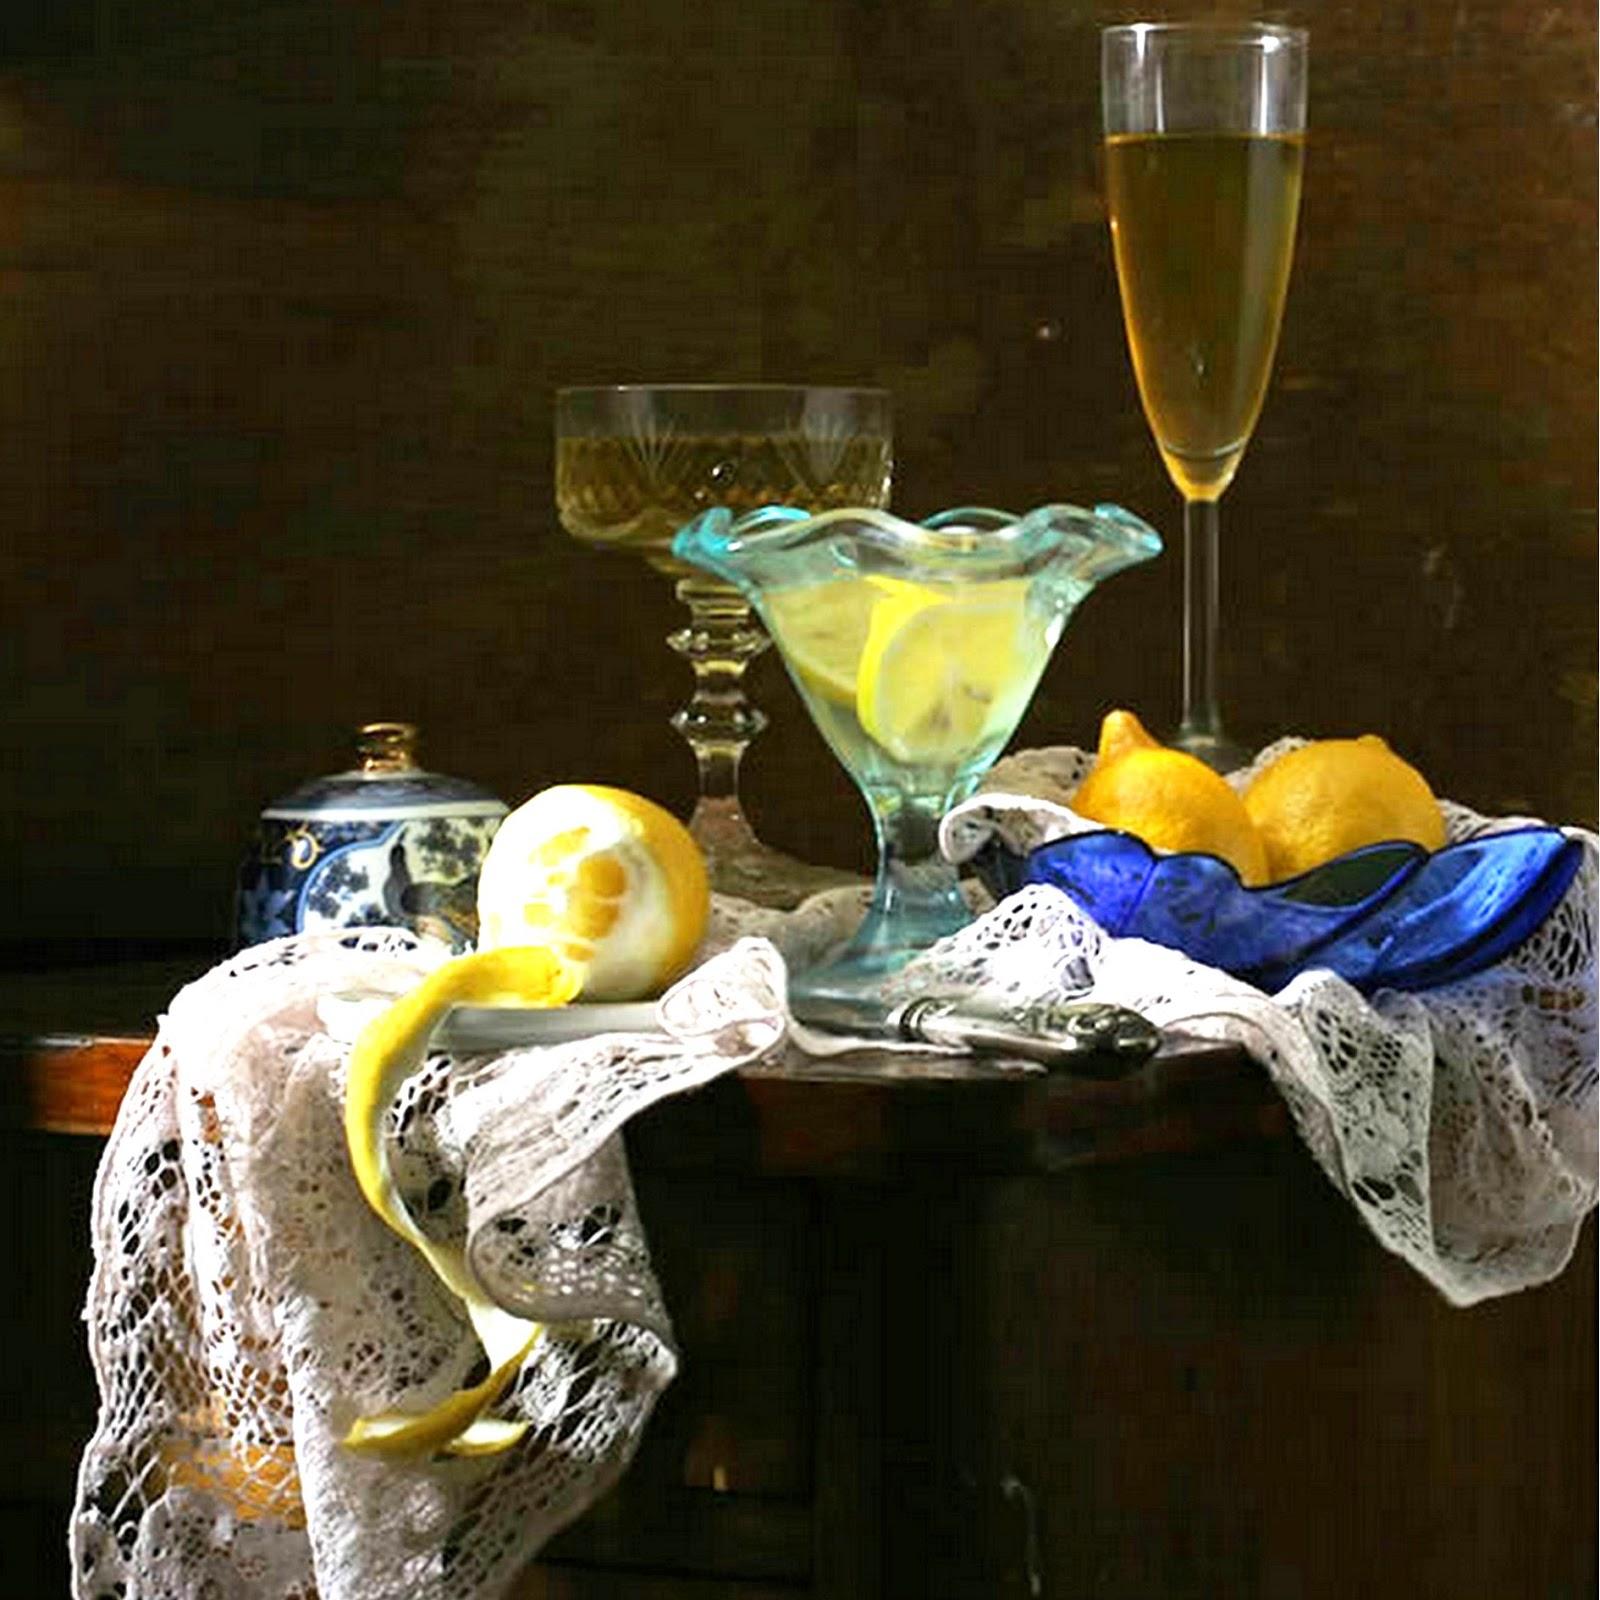 ...Fotorealismo al oleo... Bodegones-pintura+fotorrealismo-al-oleo+(4)